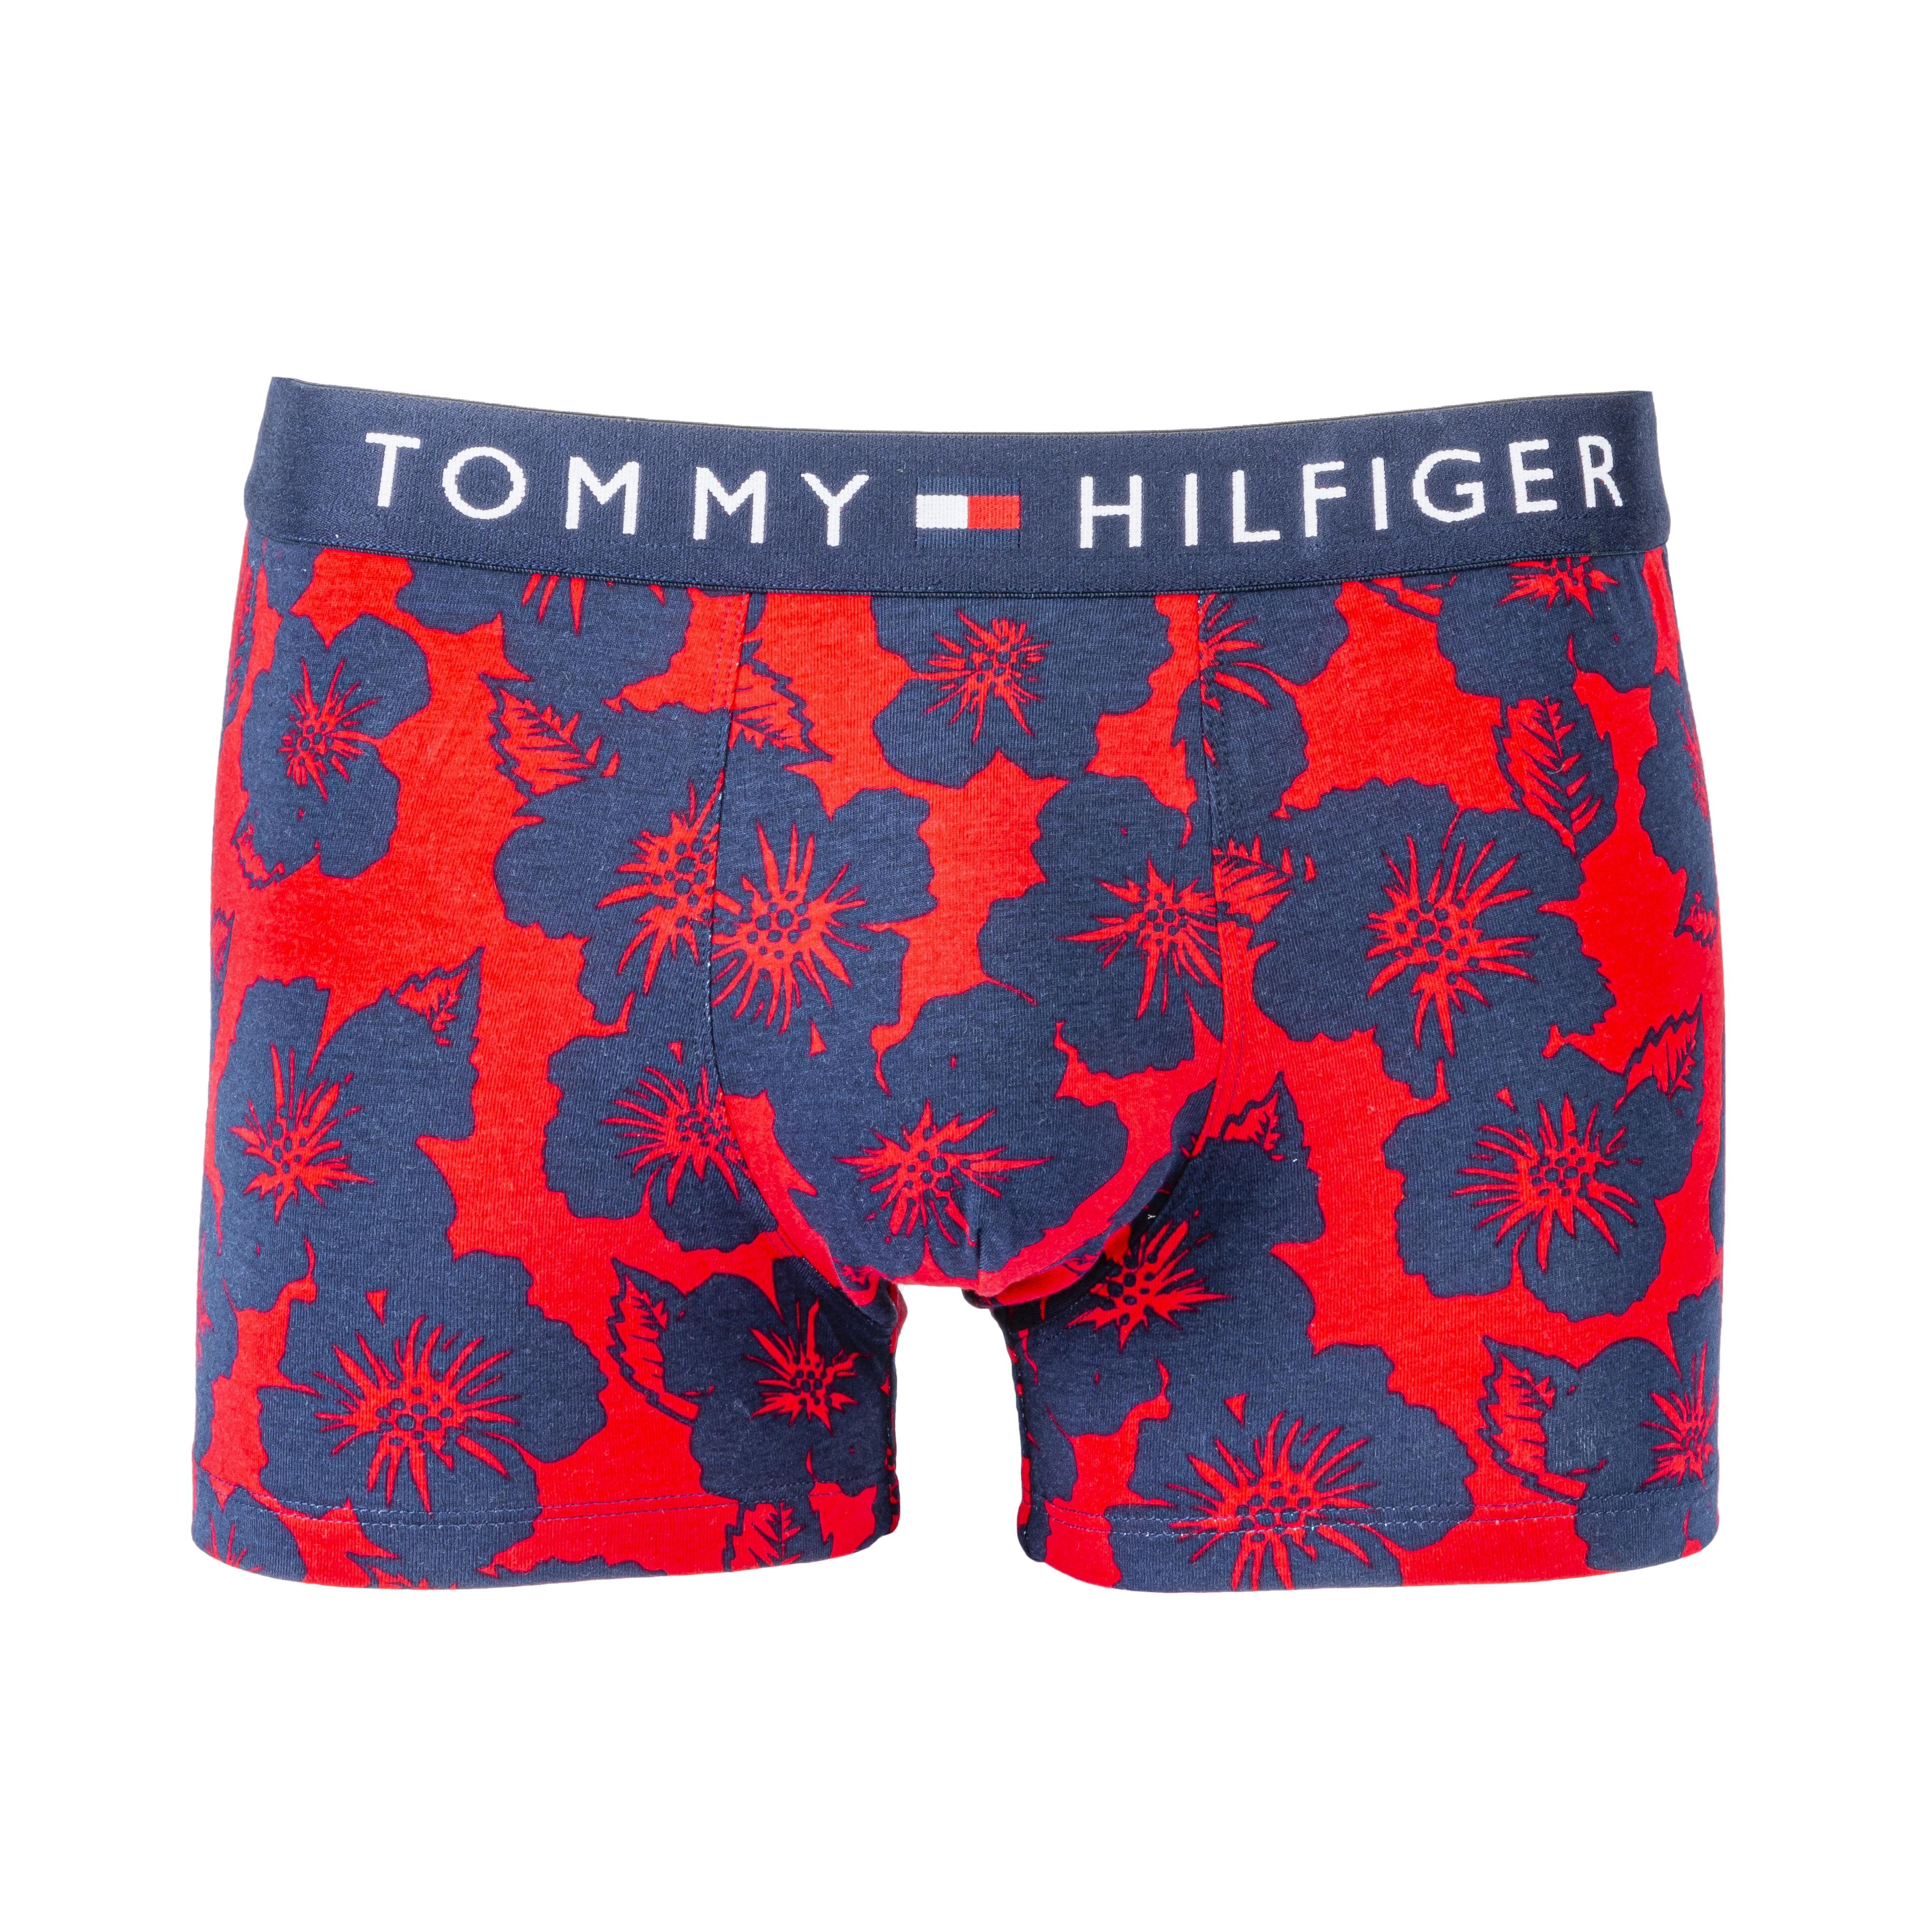 Boxer tommy hilfiger en coton mélangé rouge à feurs et ceinture bleu marine